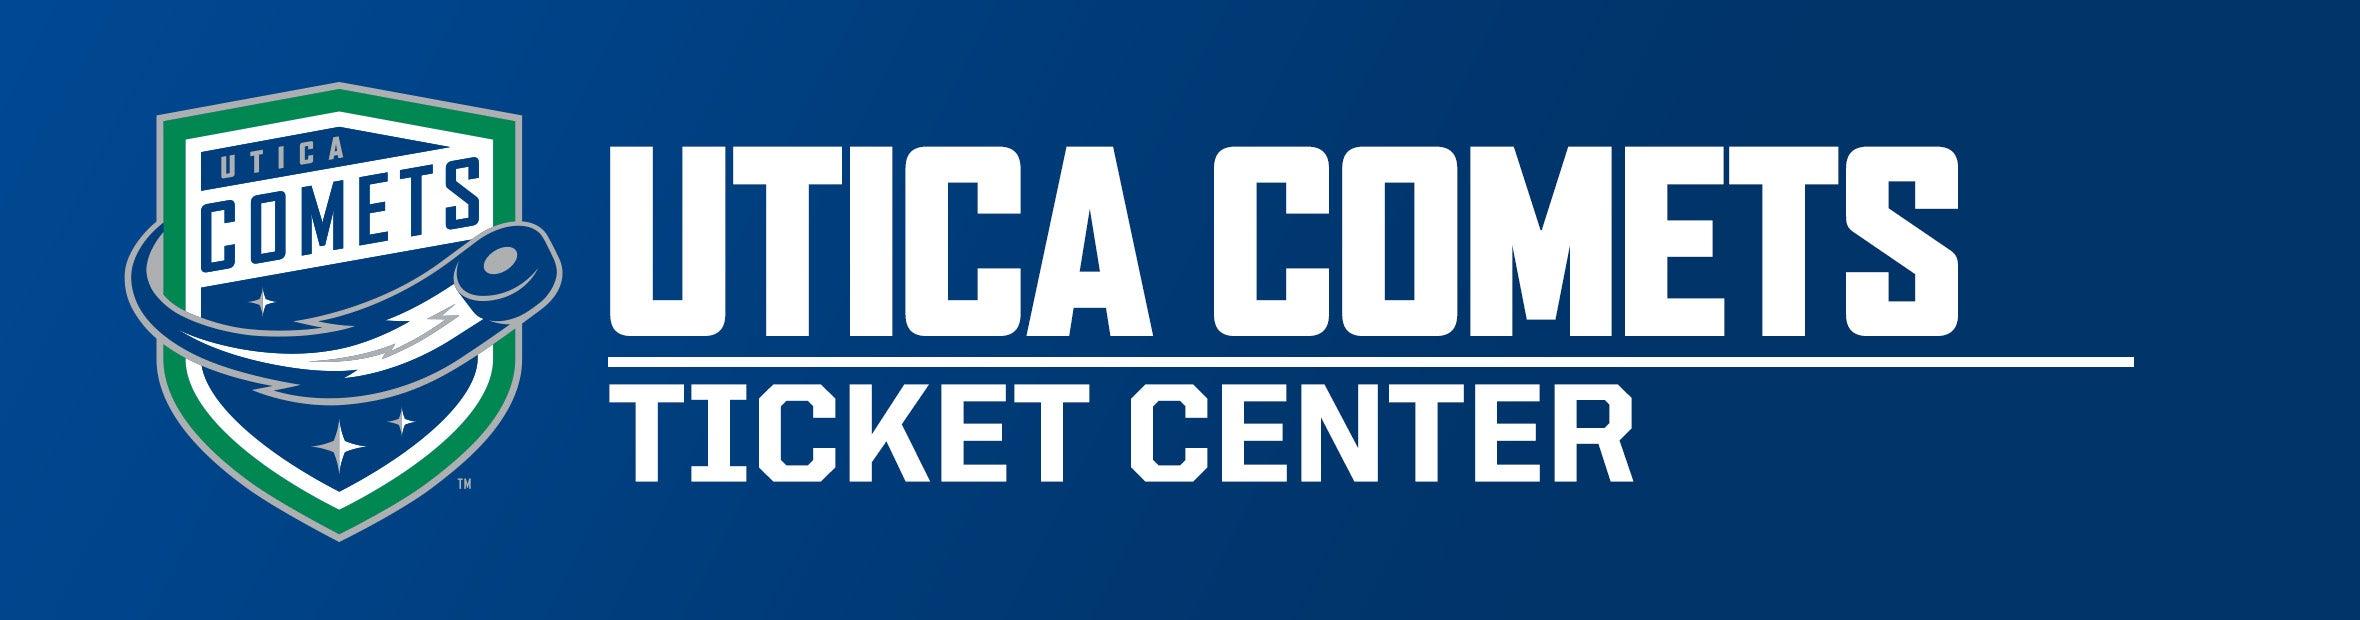 ticketcenter.jpg